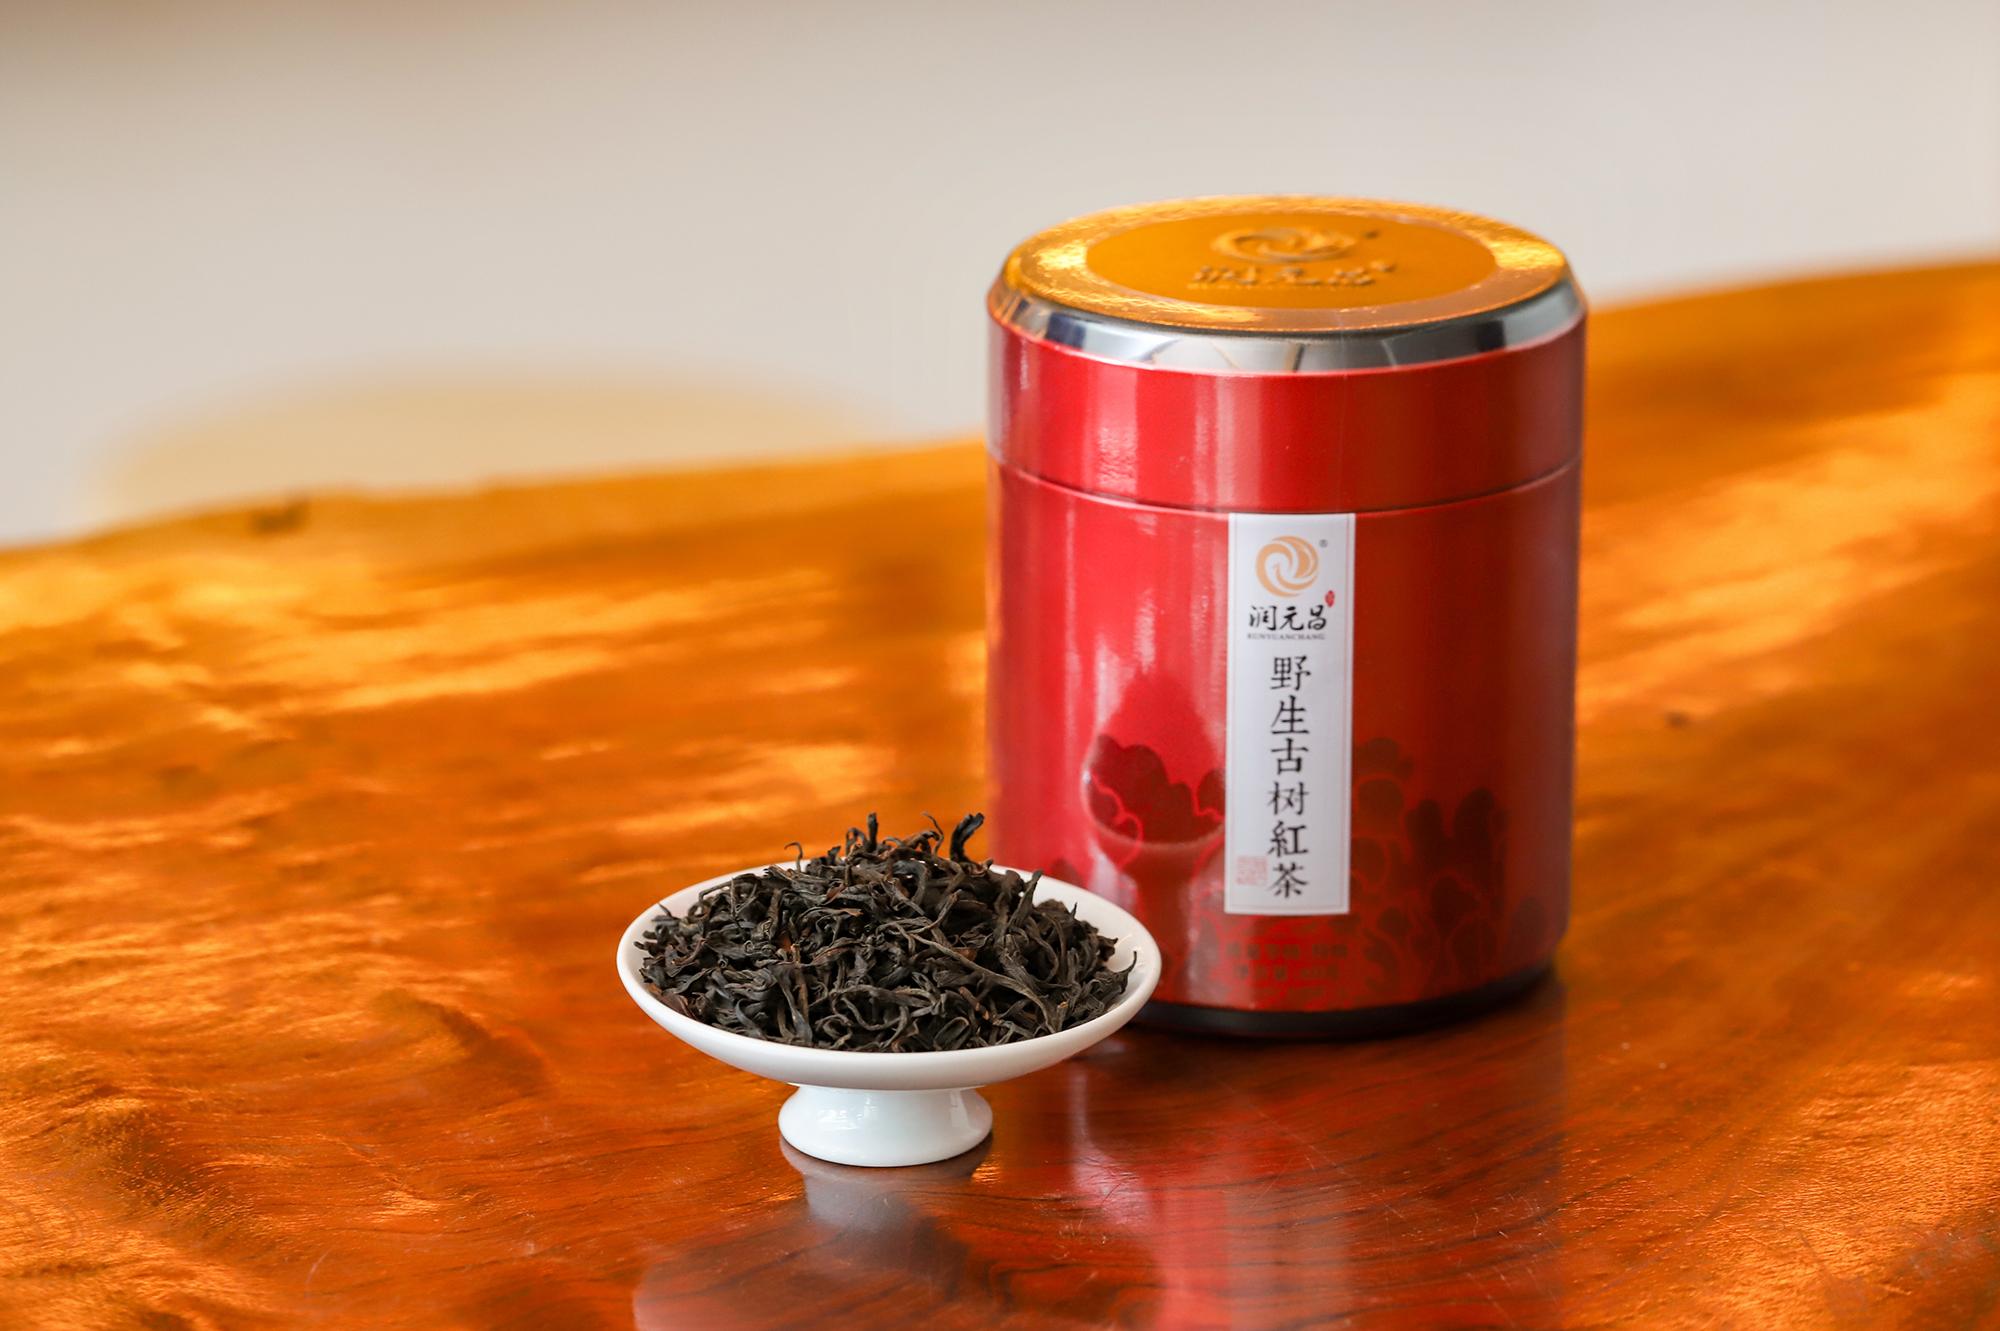 绿茶红茶乌龙茶的区别【详细对比先容】